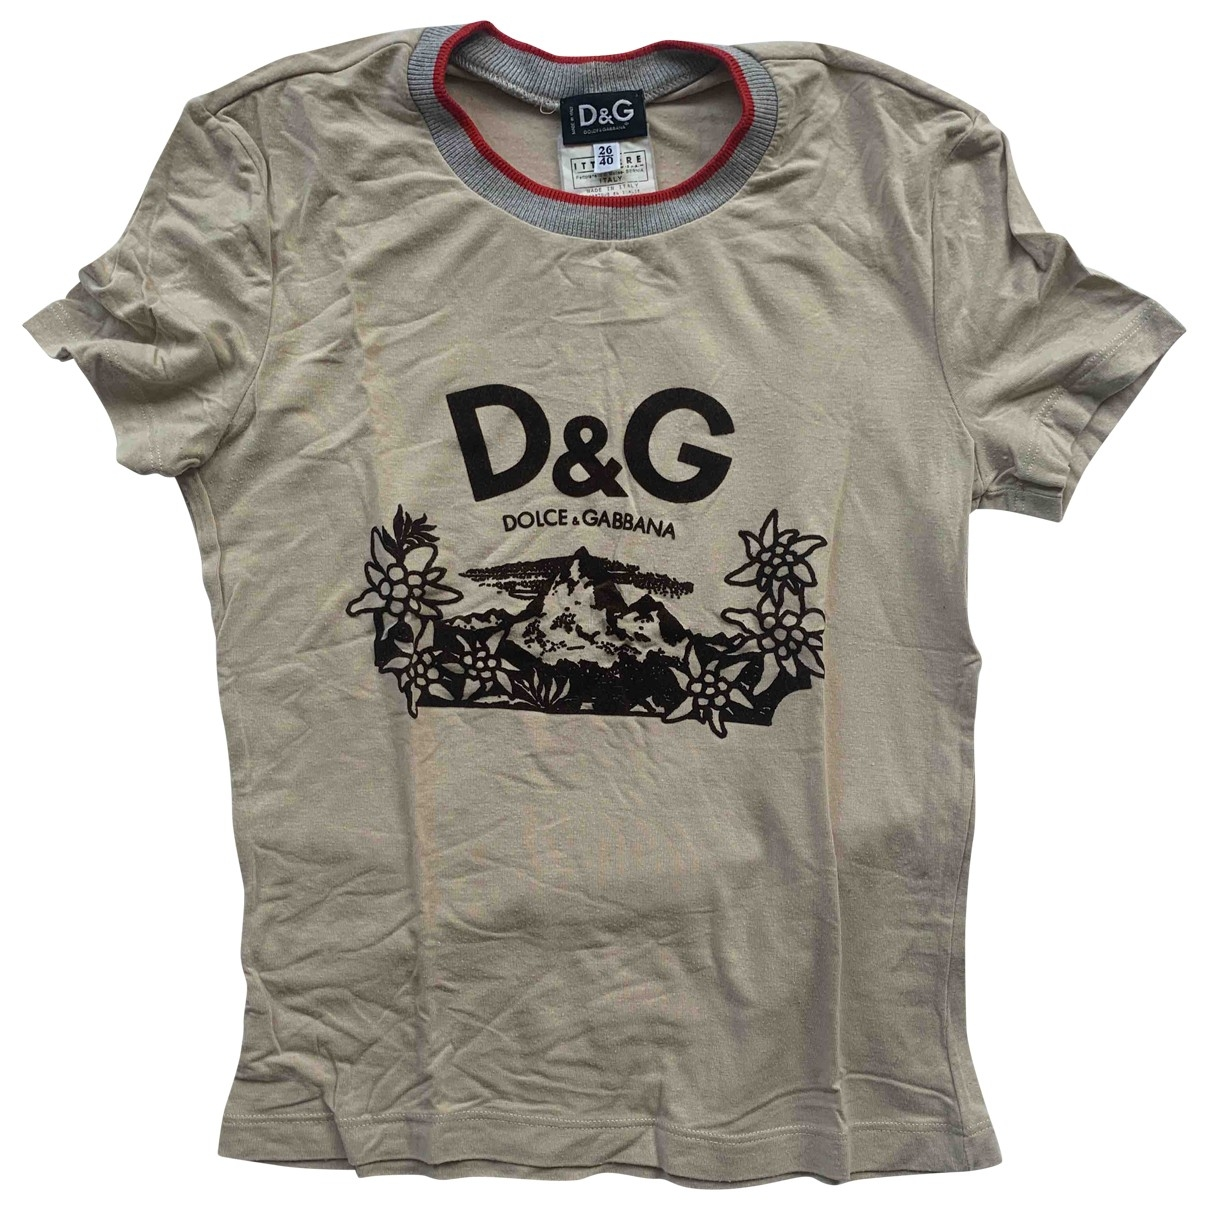 Camiseta D&g